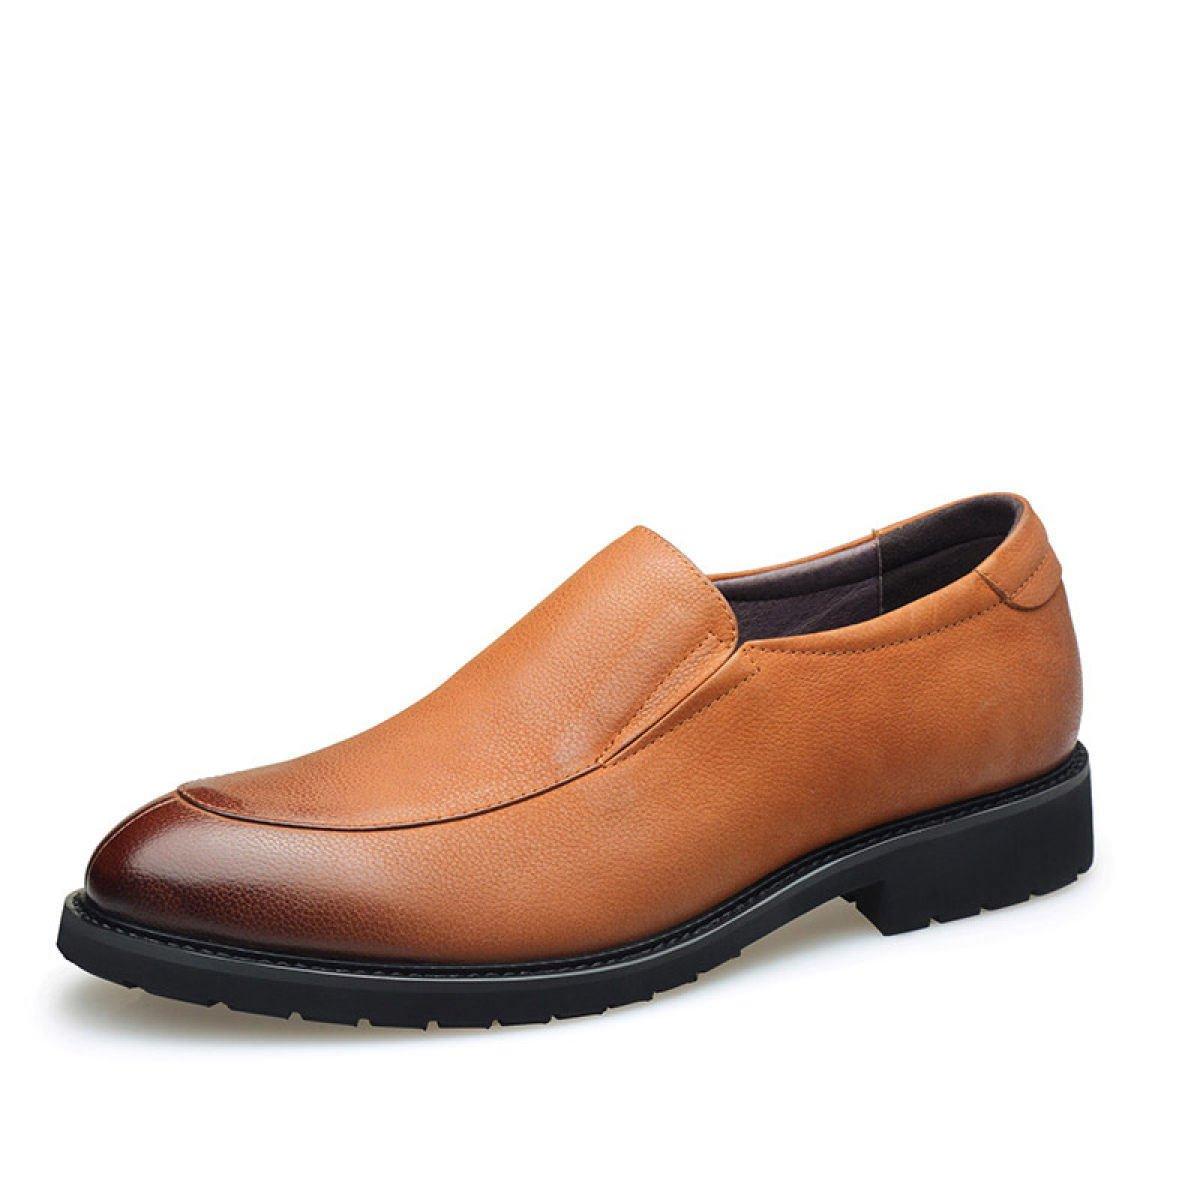 LEDLFIE Kleid Schuhe Geschäft Casual Schuhe Jugend Braun